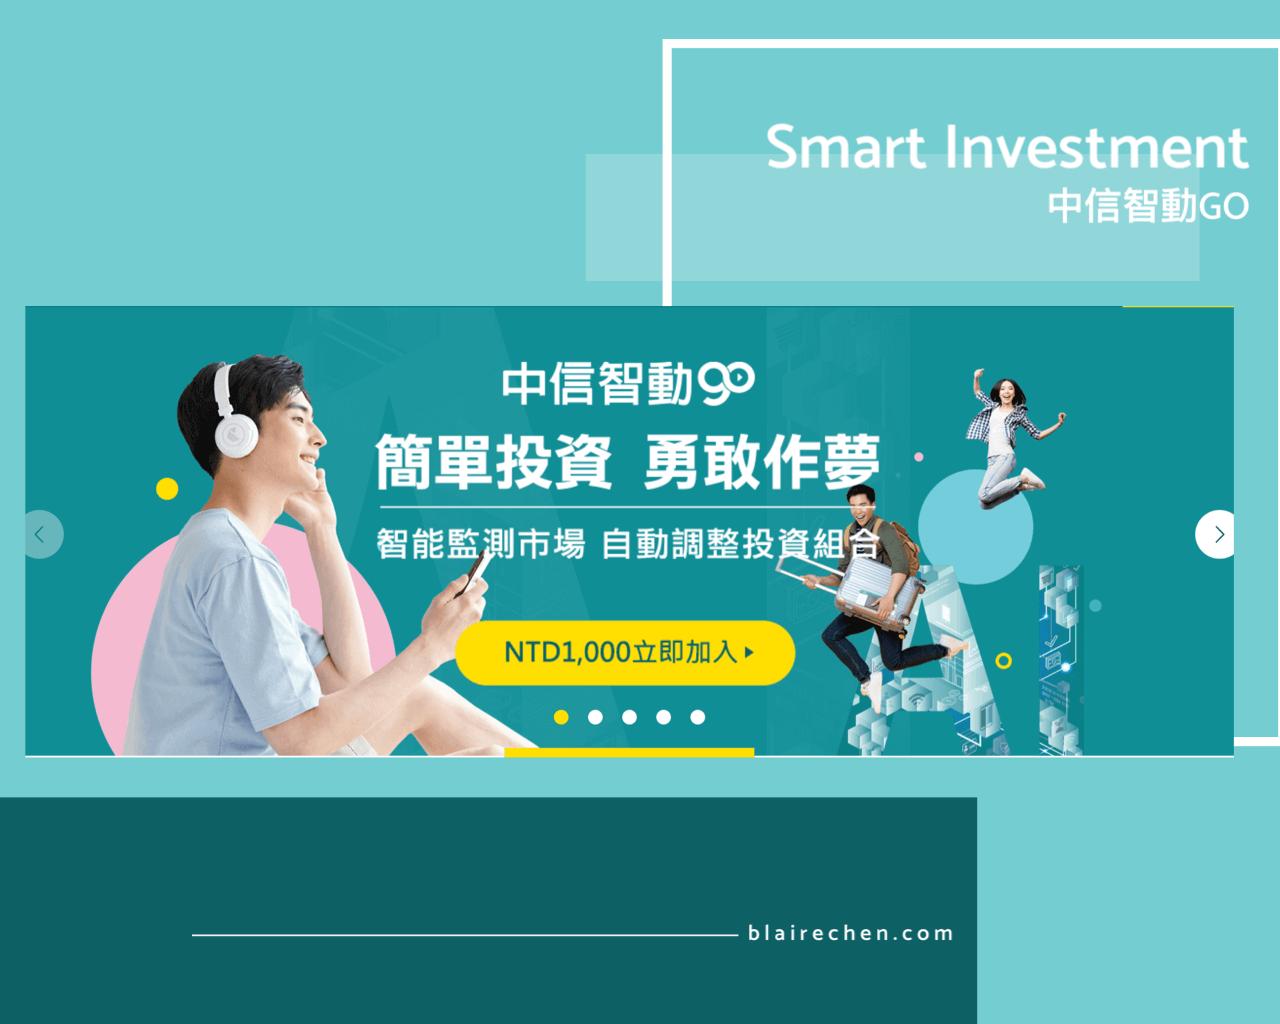 想投資卻心有餘而力不足?你需要的都在這,5 個智能投資平台、輕鬆入門不慌亂!